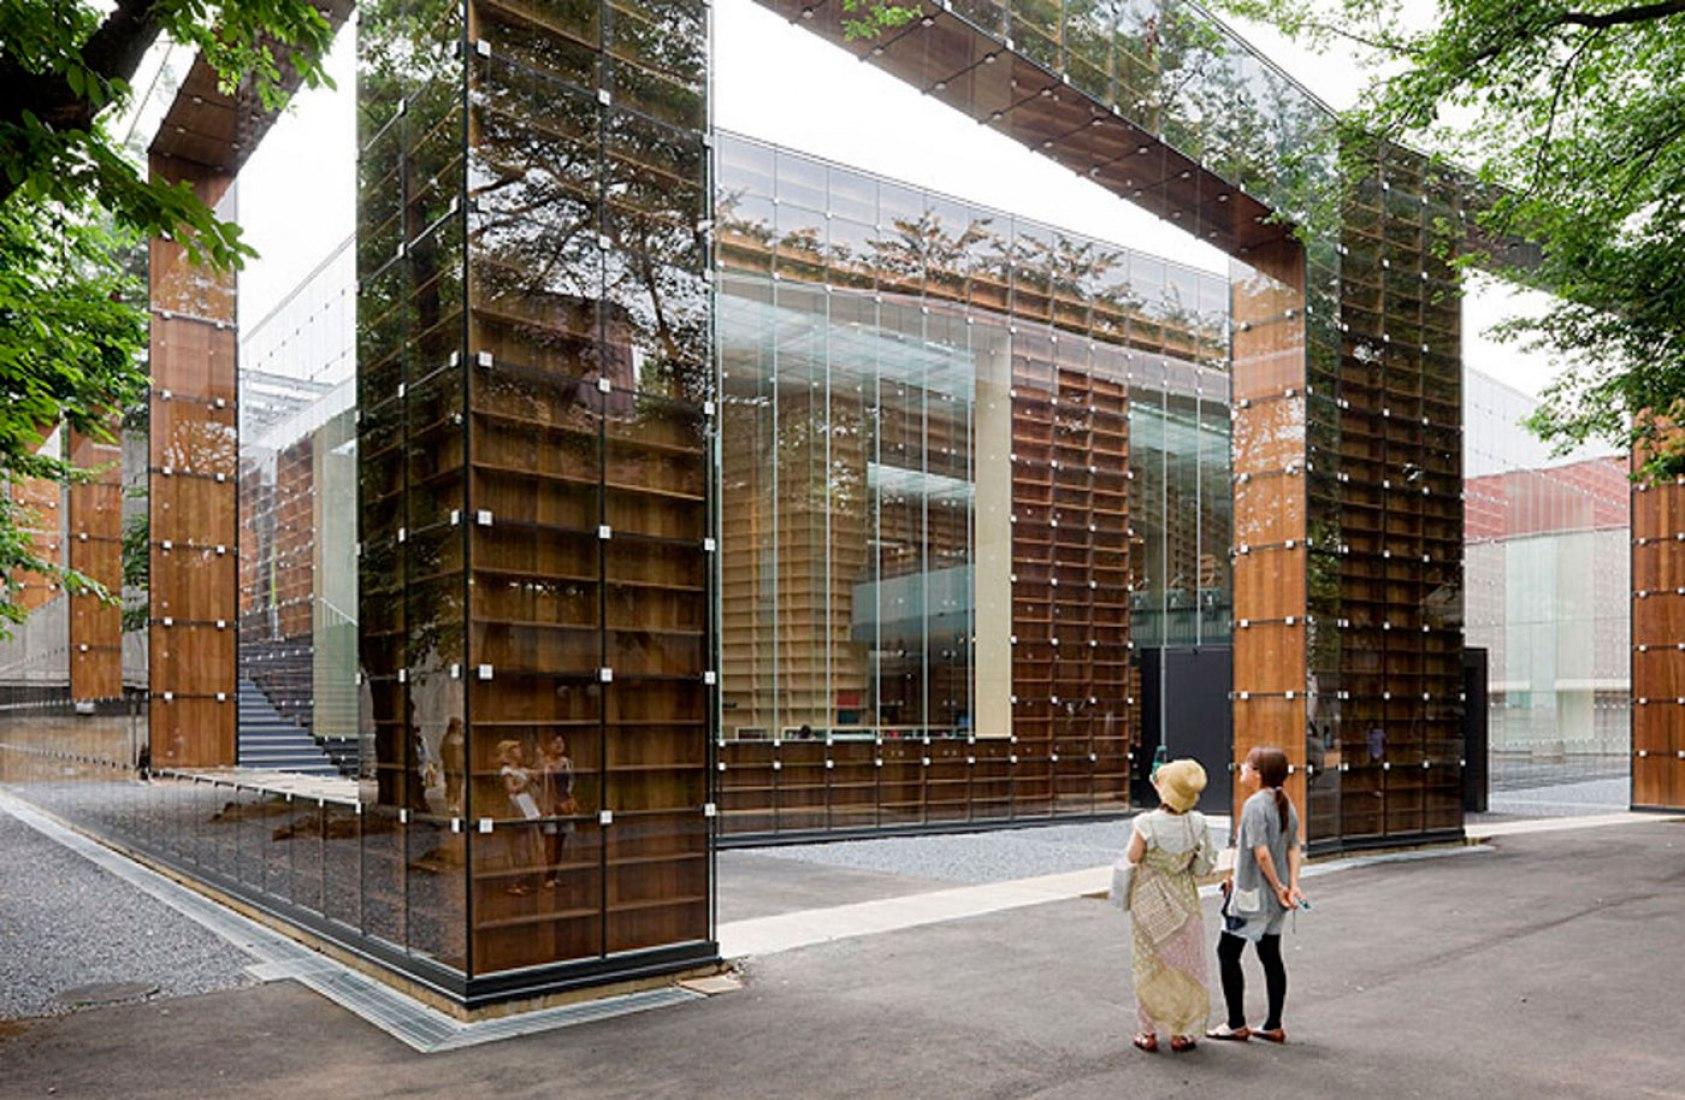 Biblioteca y Museo de la Universidad de Arte de Musashino por Sou Fujimoto. Fotografía © Iwan Baan